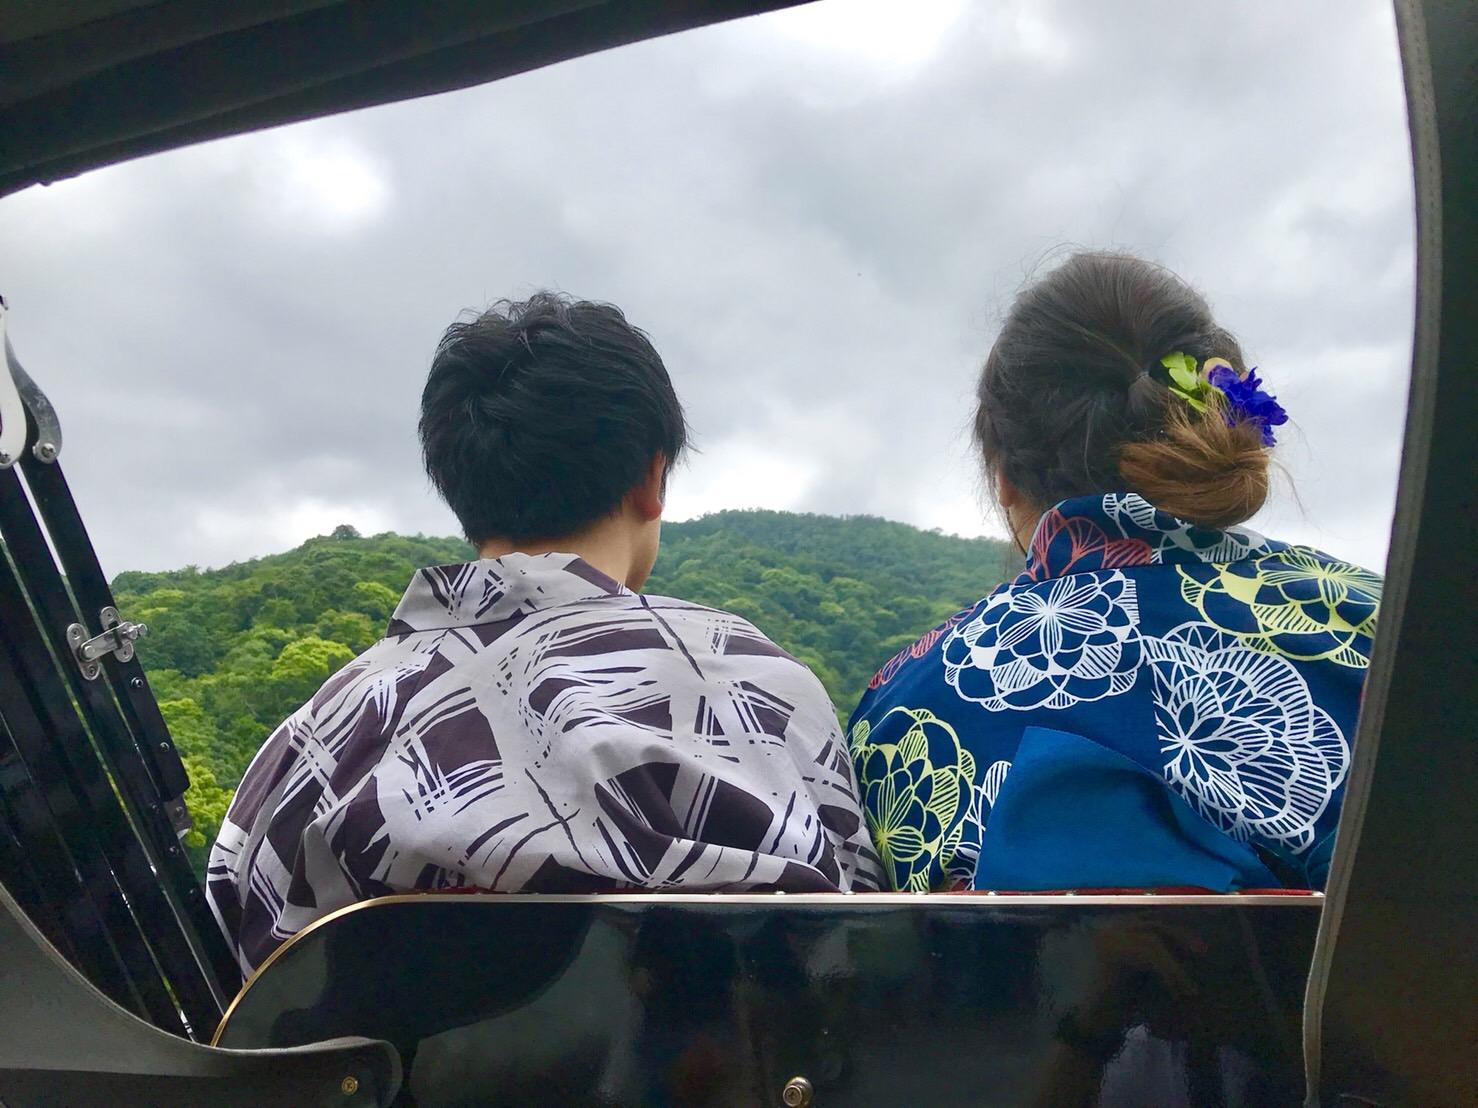 貴船神社「七夕笹飾りライトアップ」2019 2019年7月5日1